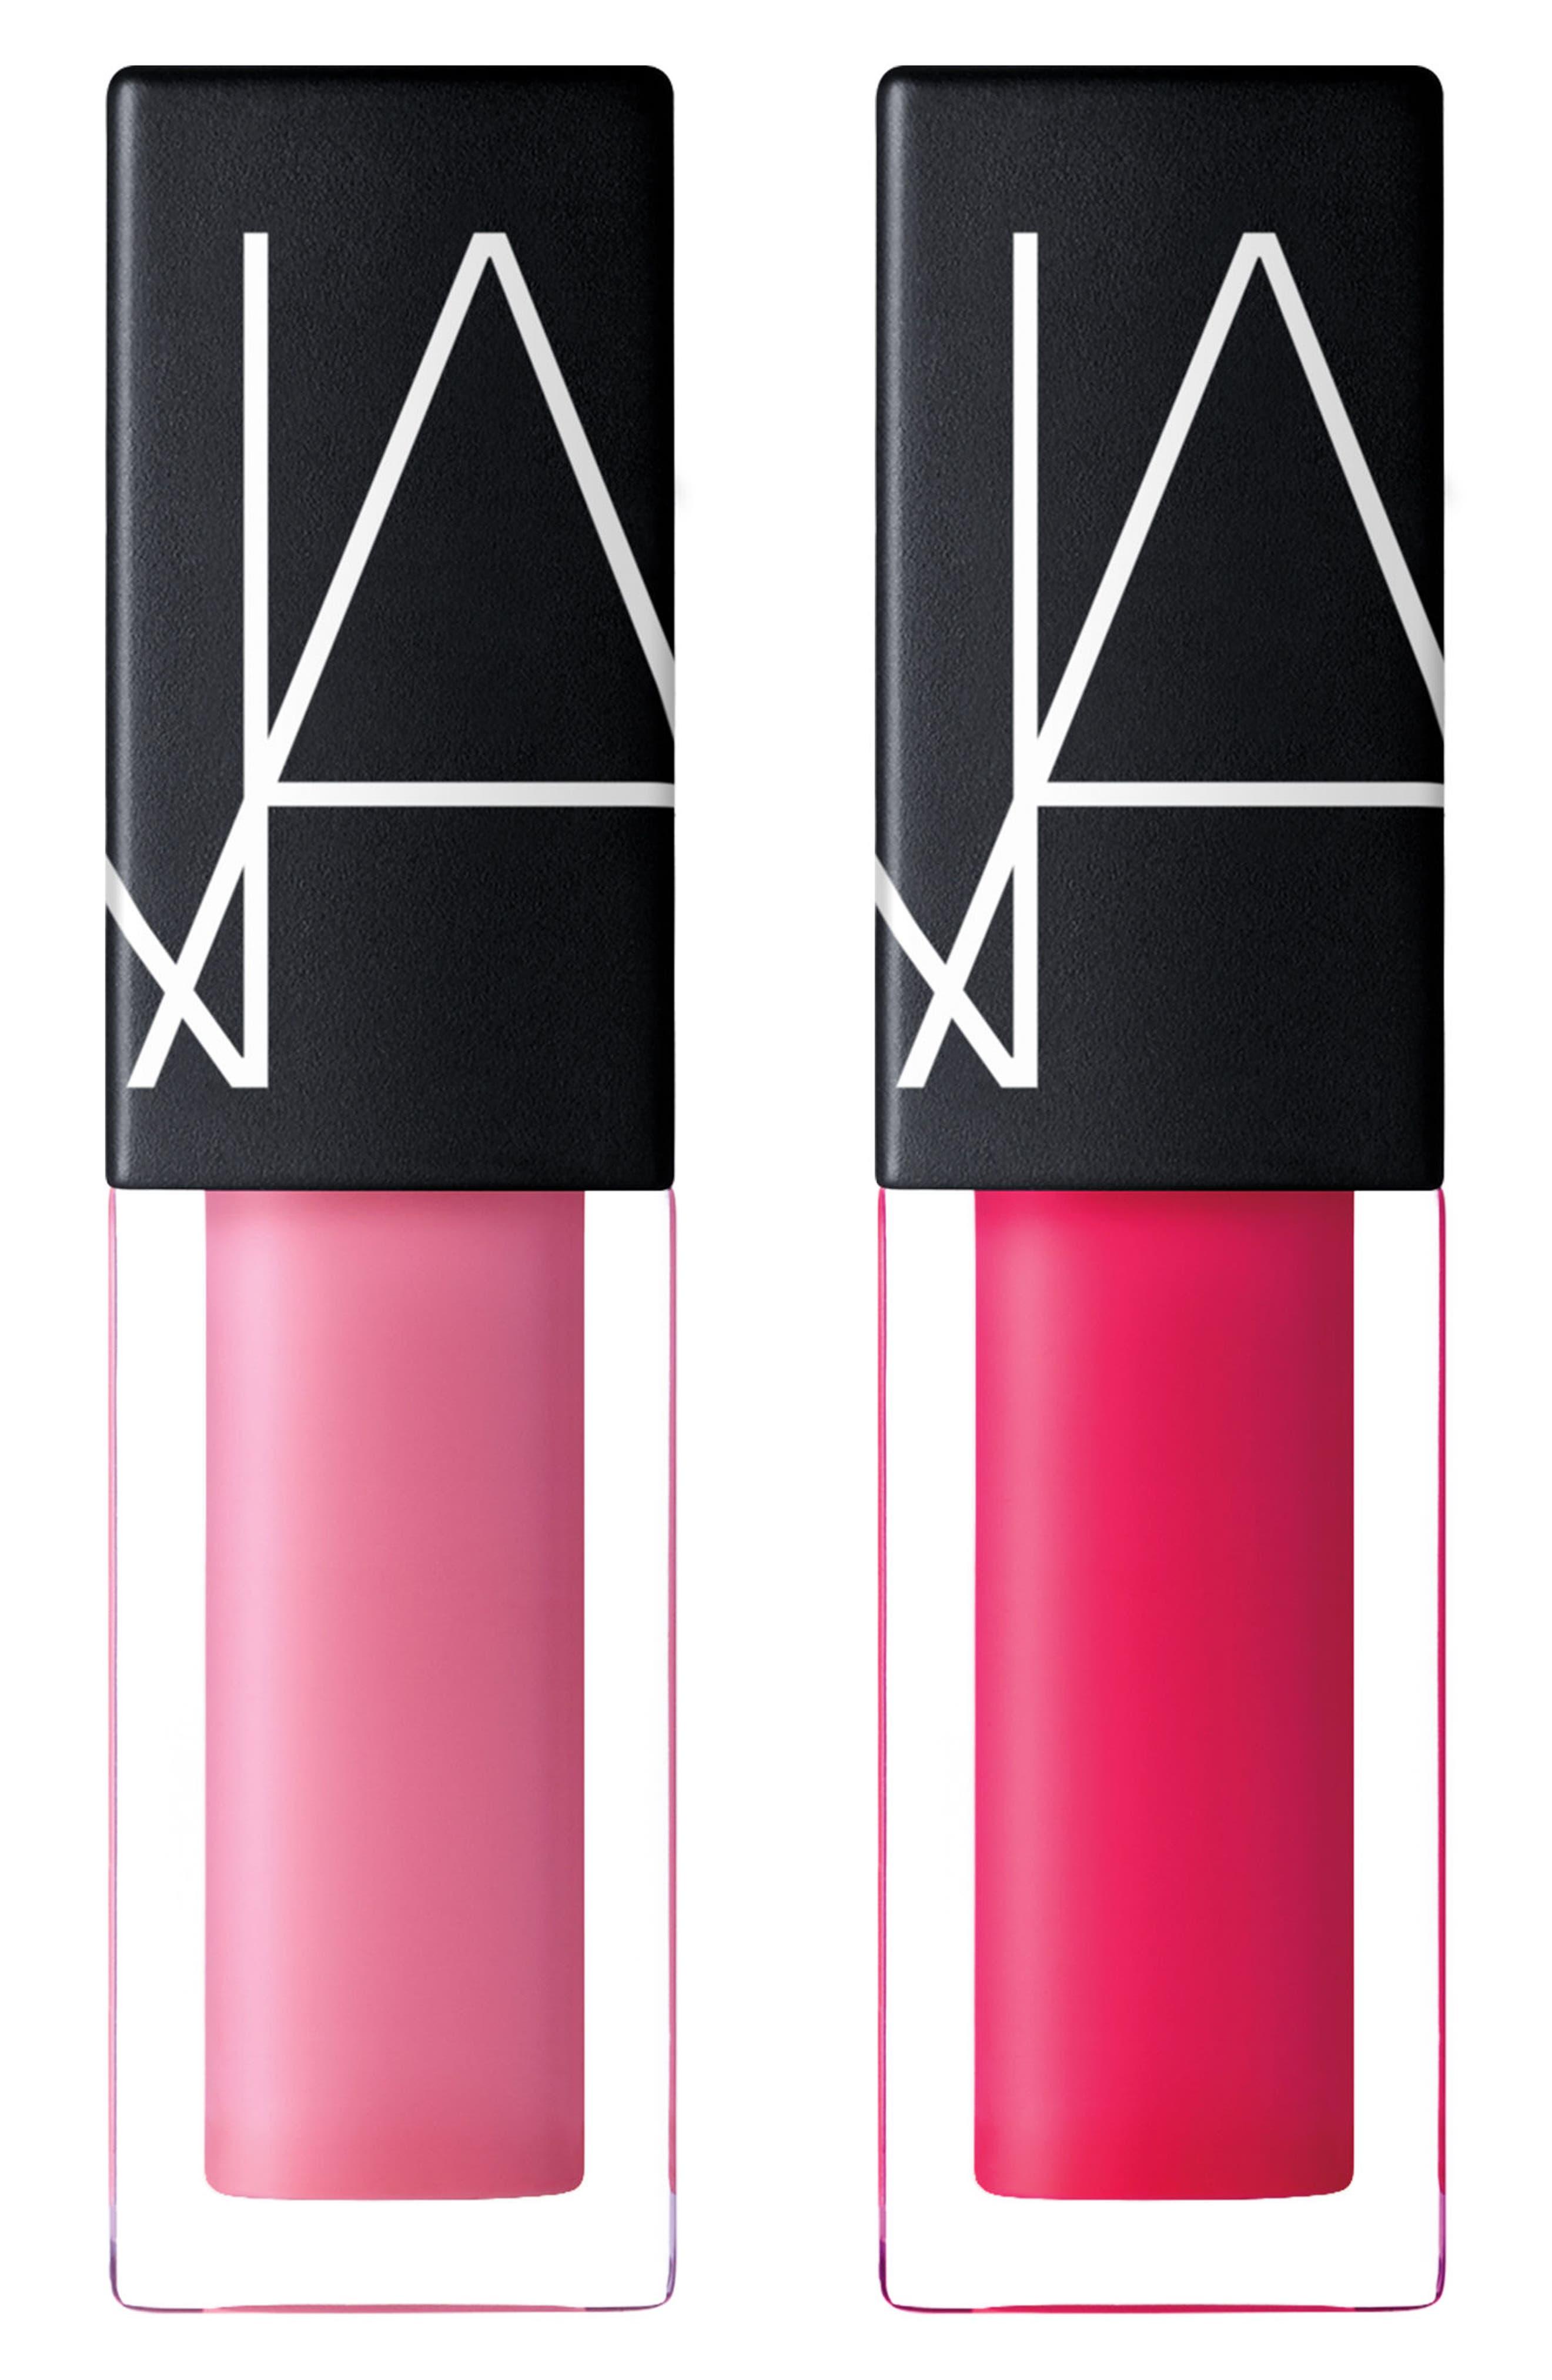 NARS Velvet Lip Glide Duo ($30 Value)